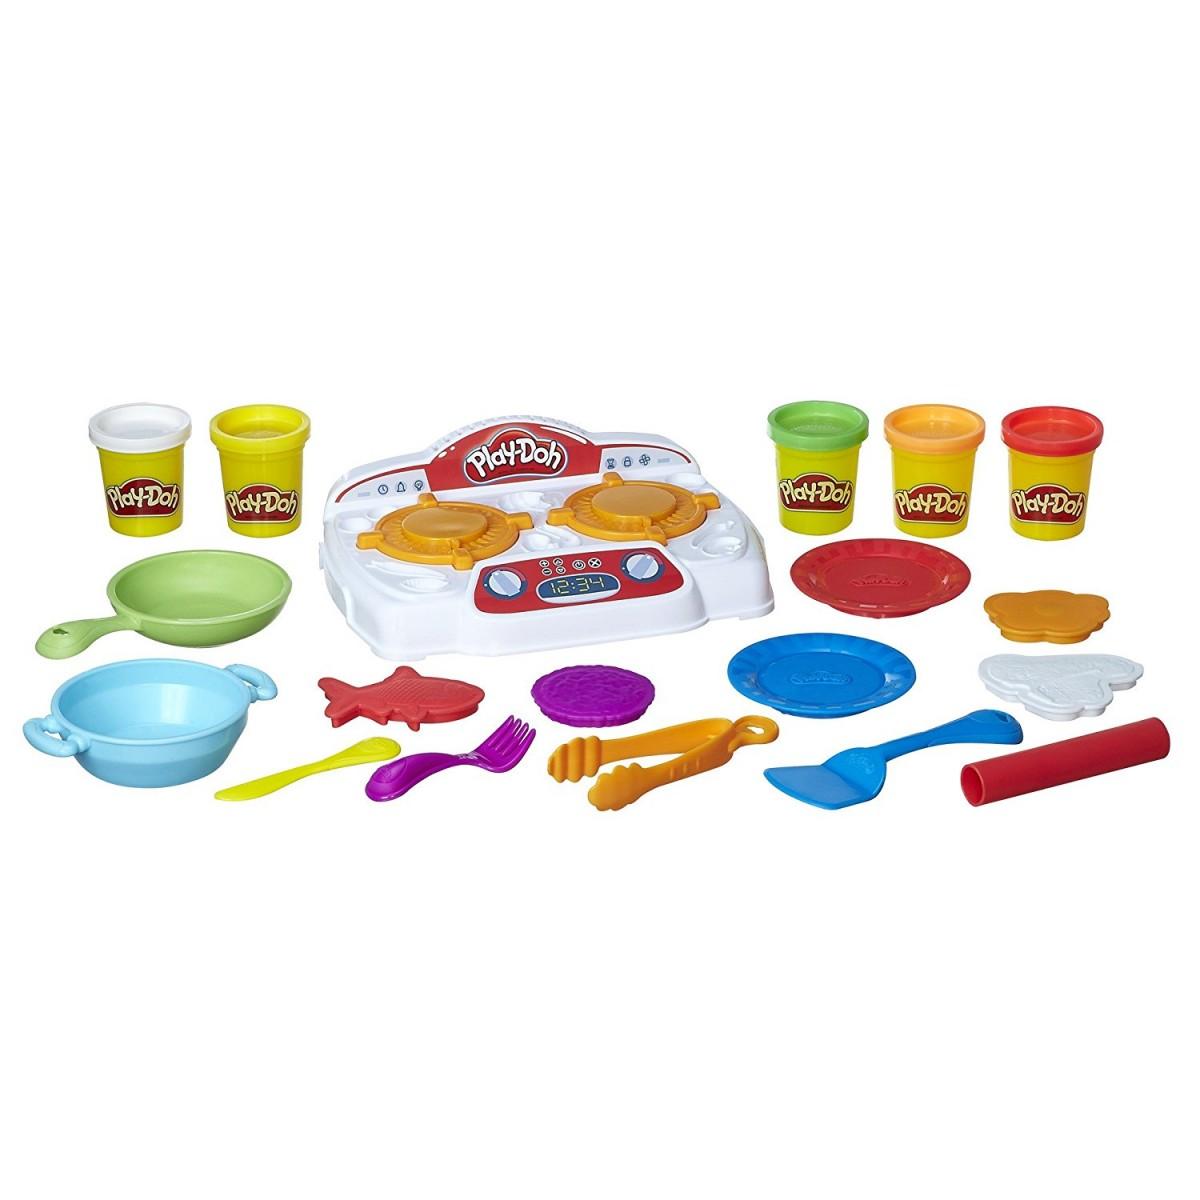 Плей До Игровой Набор Кухонная Плита play doh